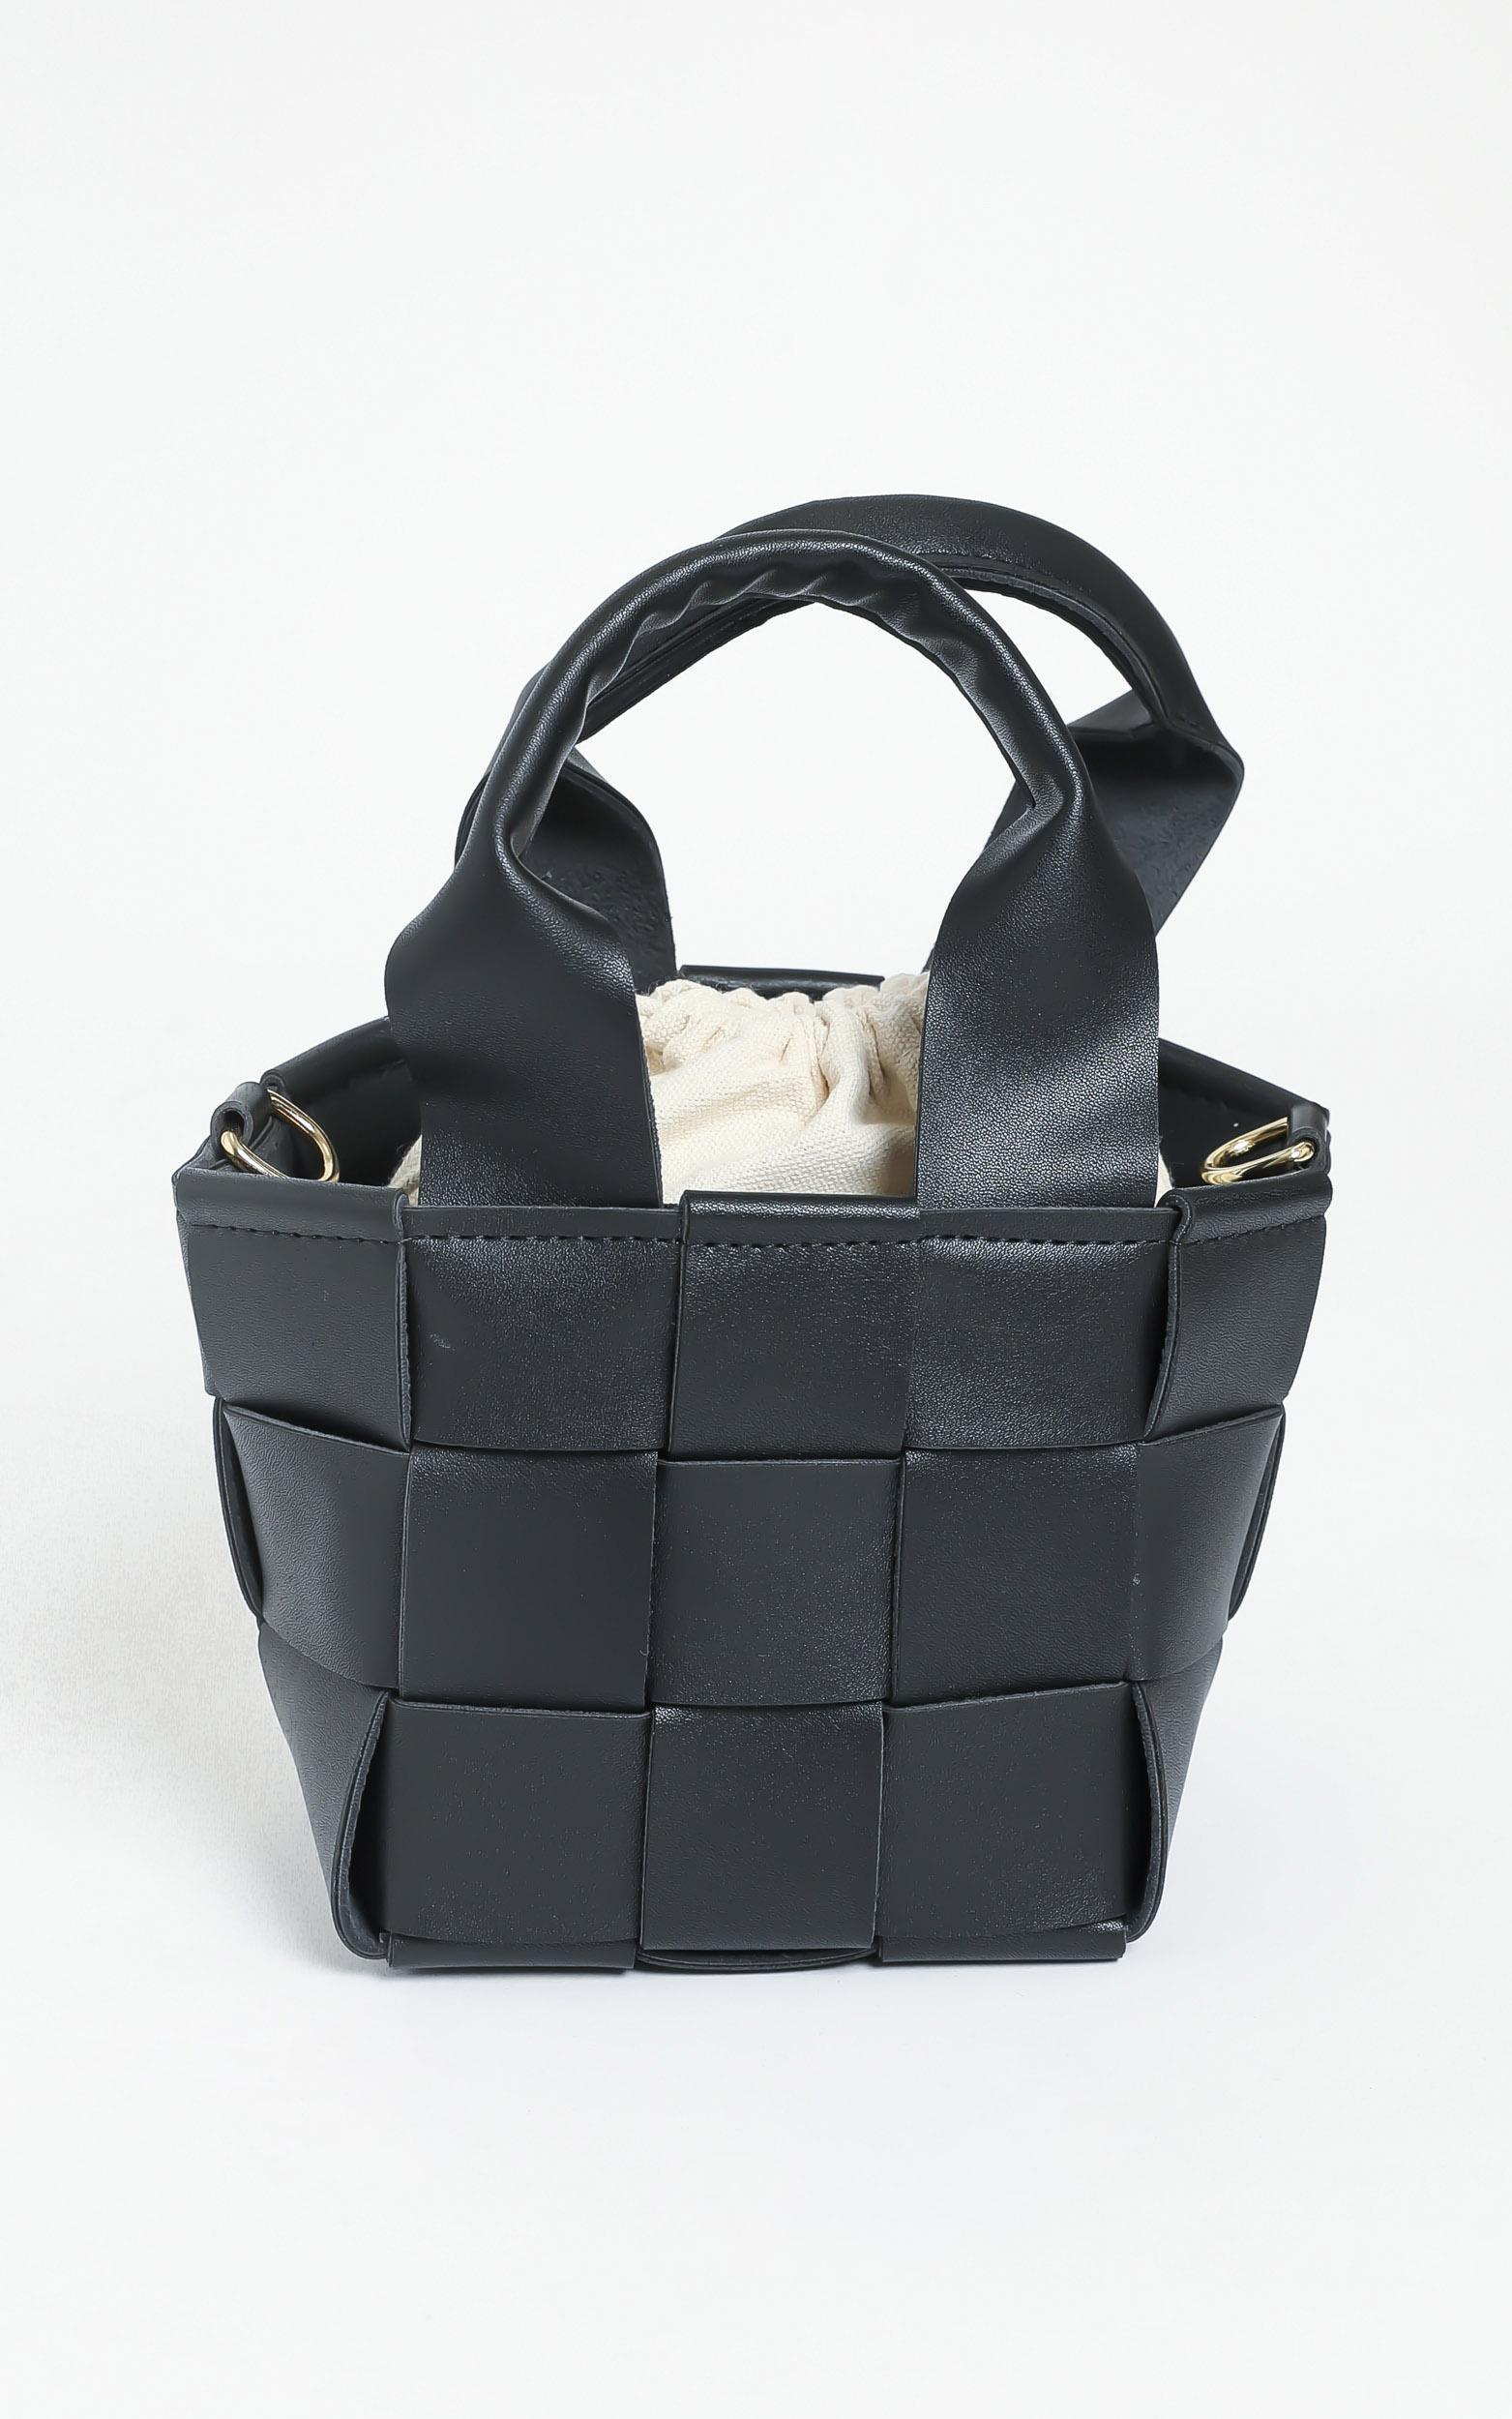 Nataliah Bag in Black, , hi-res image number null